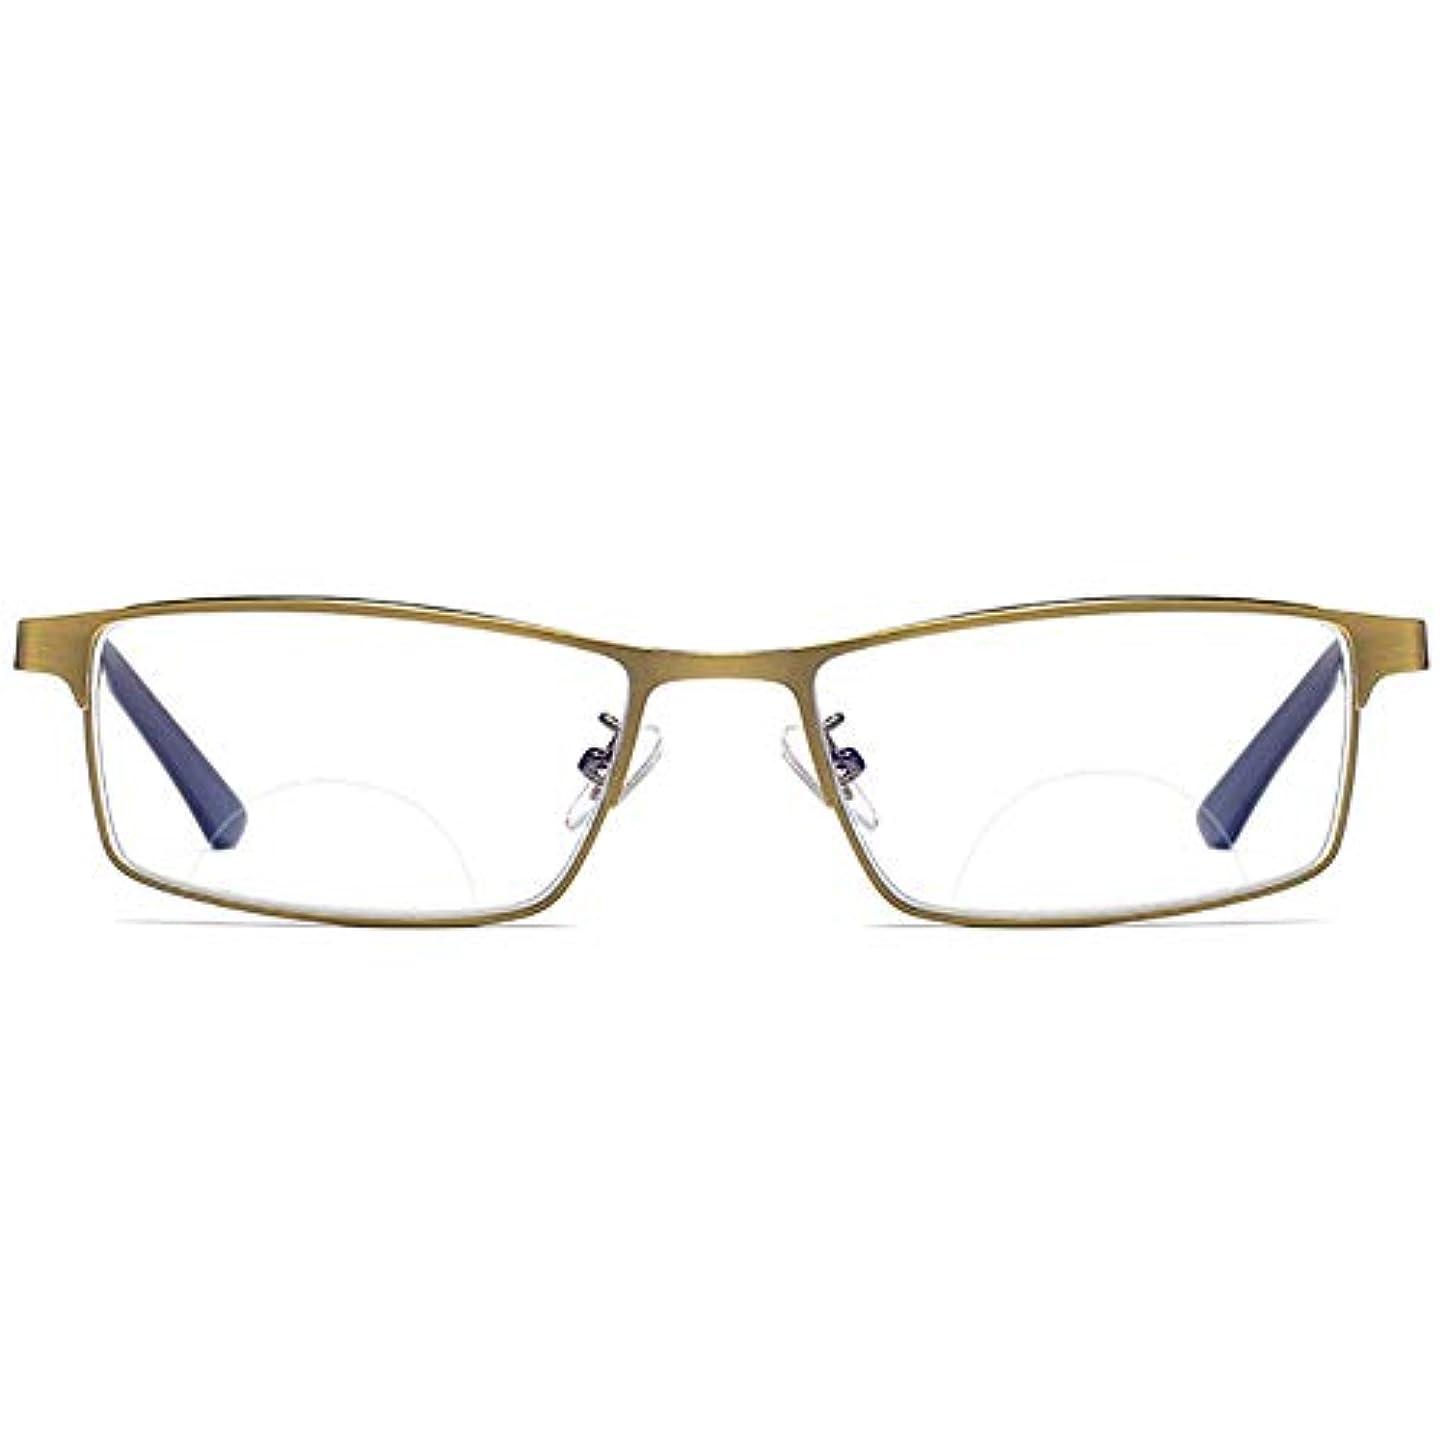 世論調査モバイル震えるインテリジェント変色老眼鏡、遠近両用多焦点、フルフレームメタル、男性用および女性用